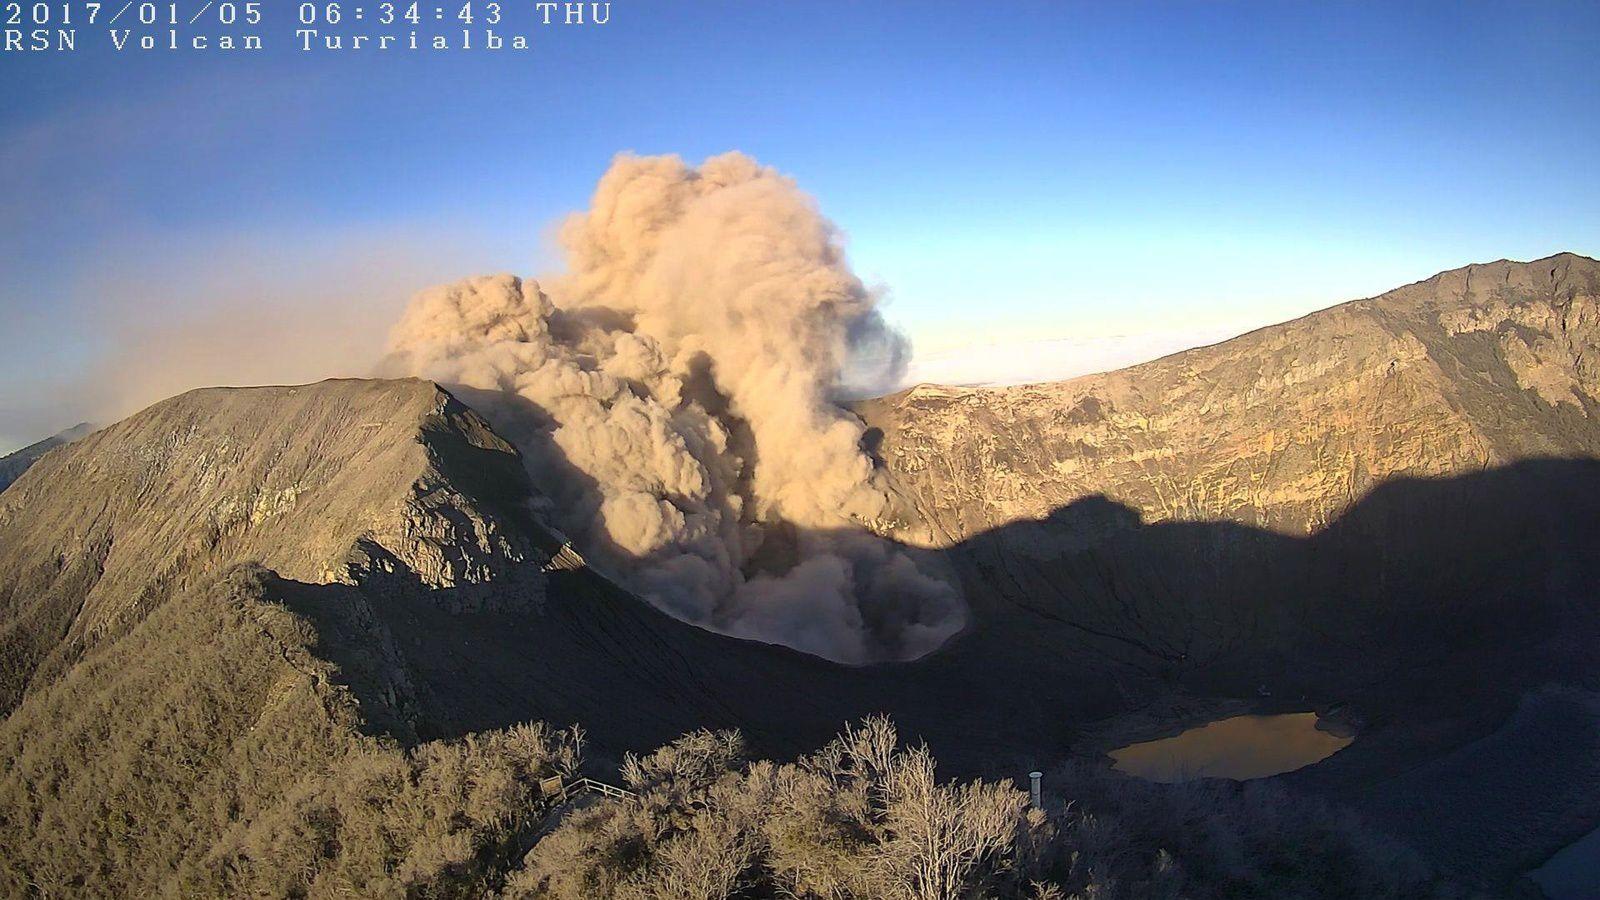 Turrialba - 05.01.2017 / 6h34 - webcams RSN